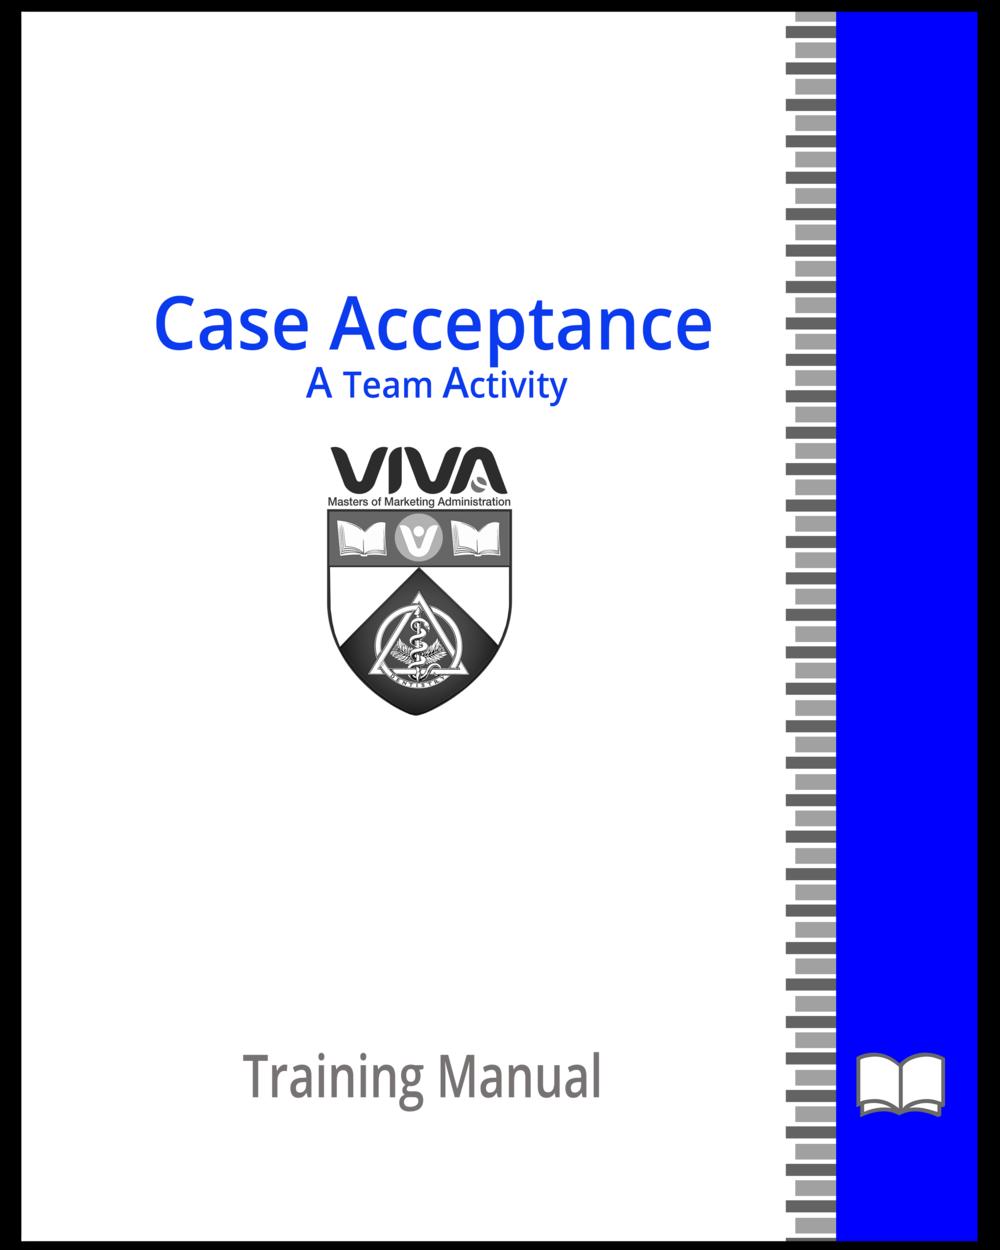 Case Acceptance course